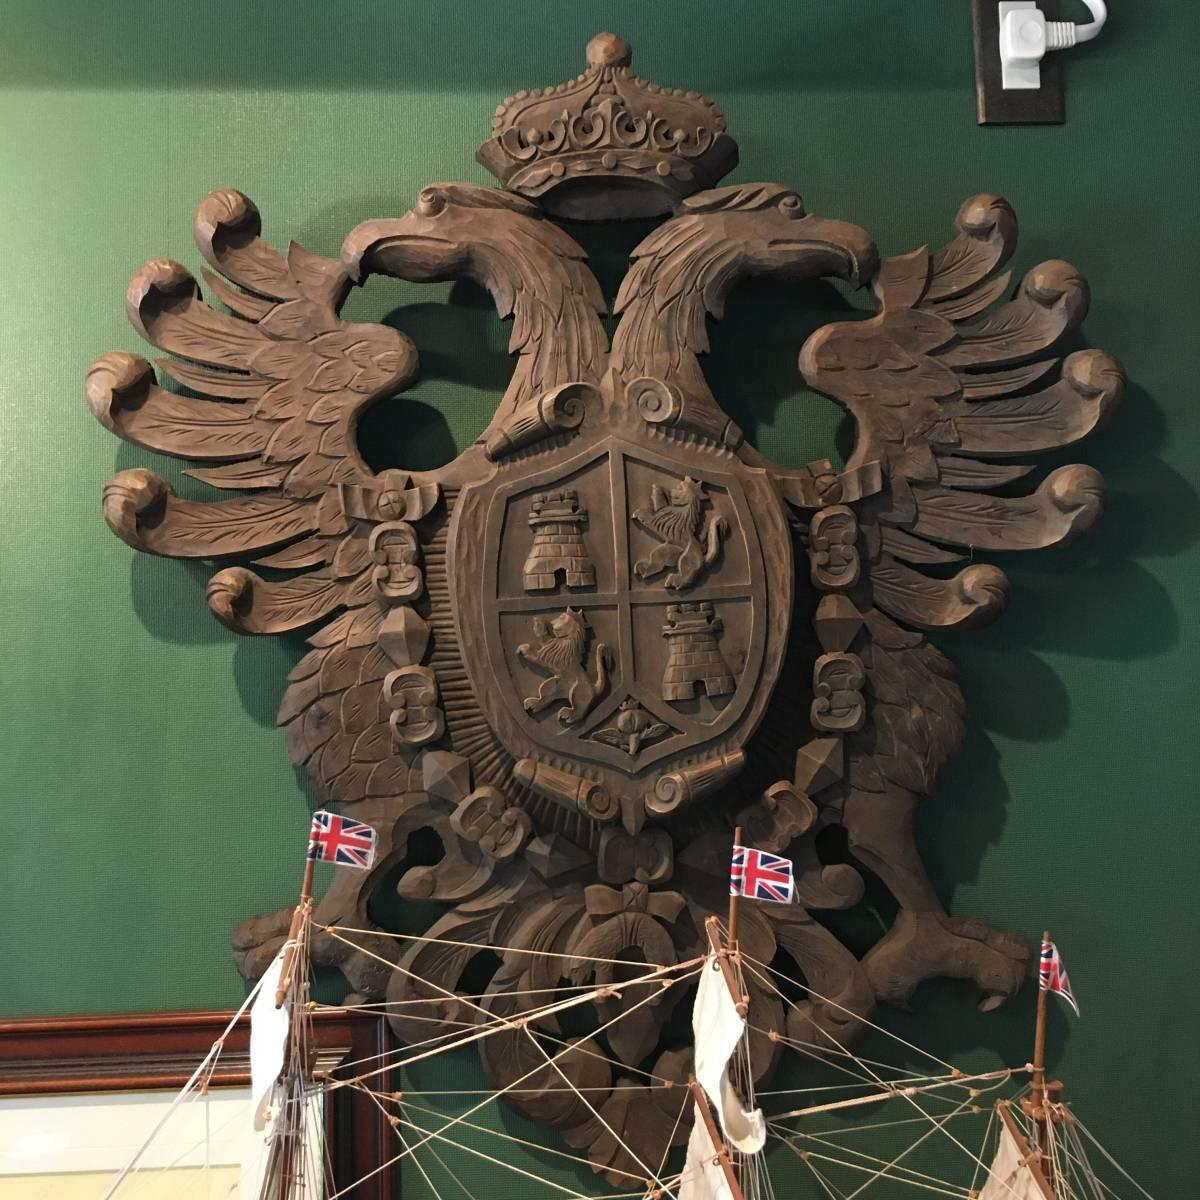 フランスアンティーク イーグル オブジェ 壁掛け 木製 ウッドオブジェ アンティーク家具 アンティーク ヨーロッパ 重厚_画像9